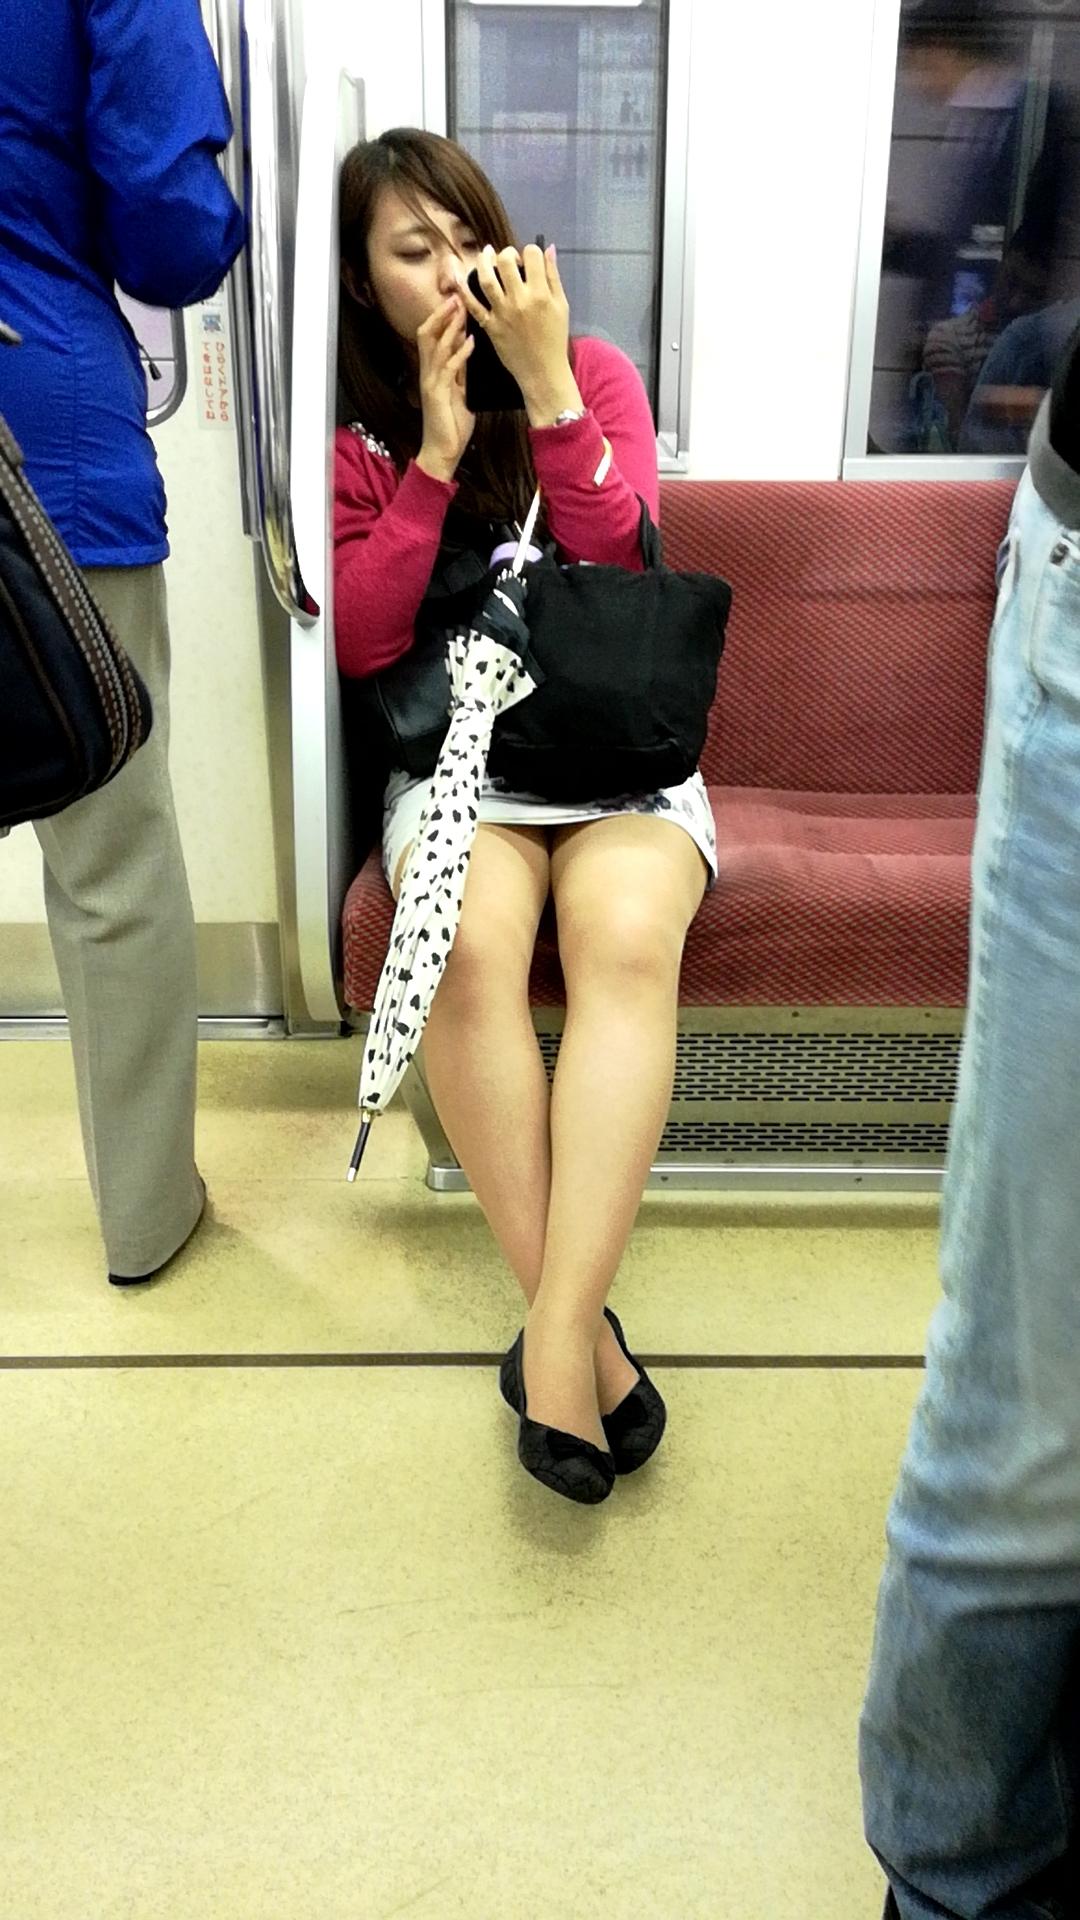 タイトスカートで座った時のパンチラ率の高さは異常